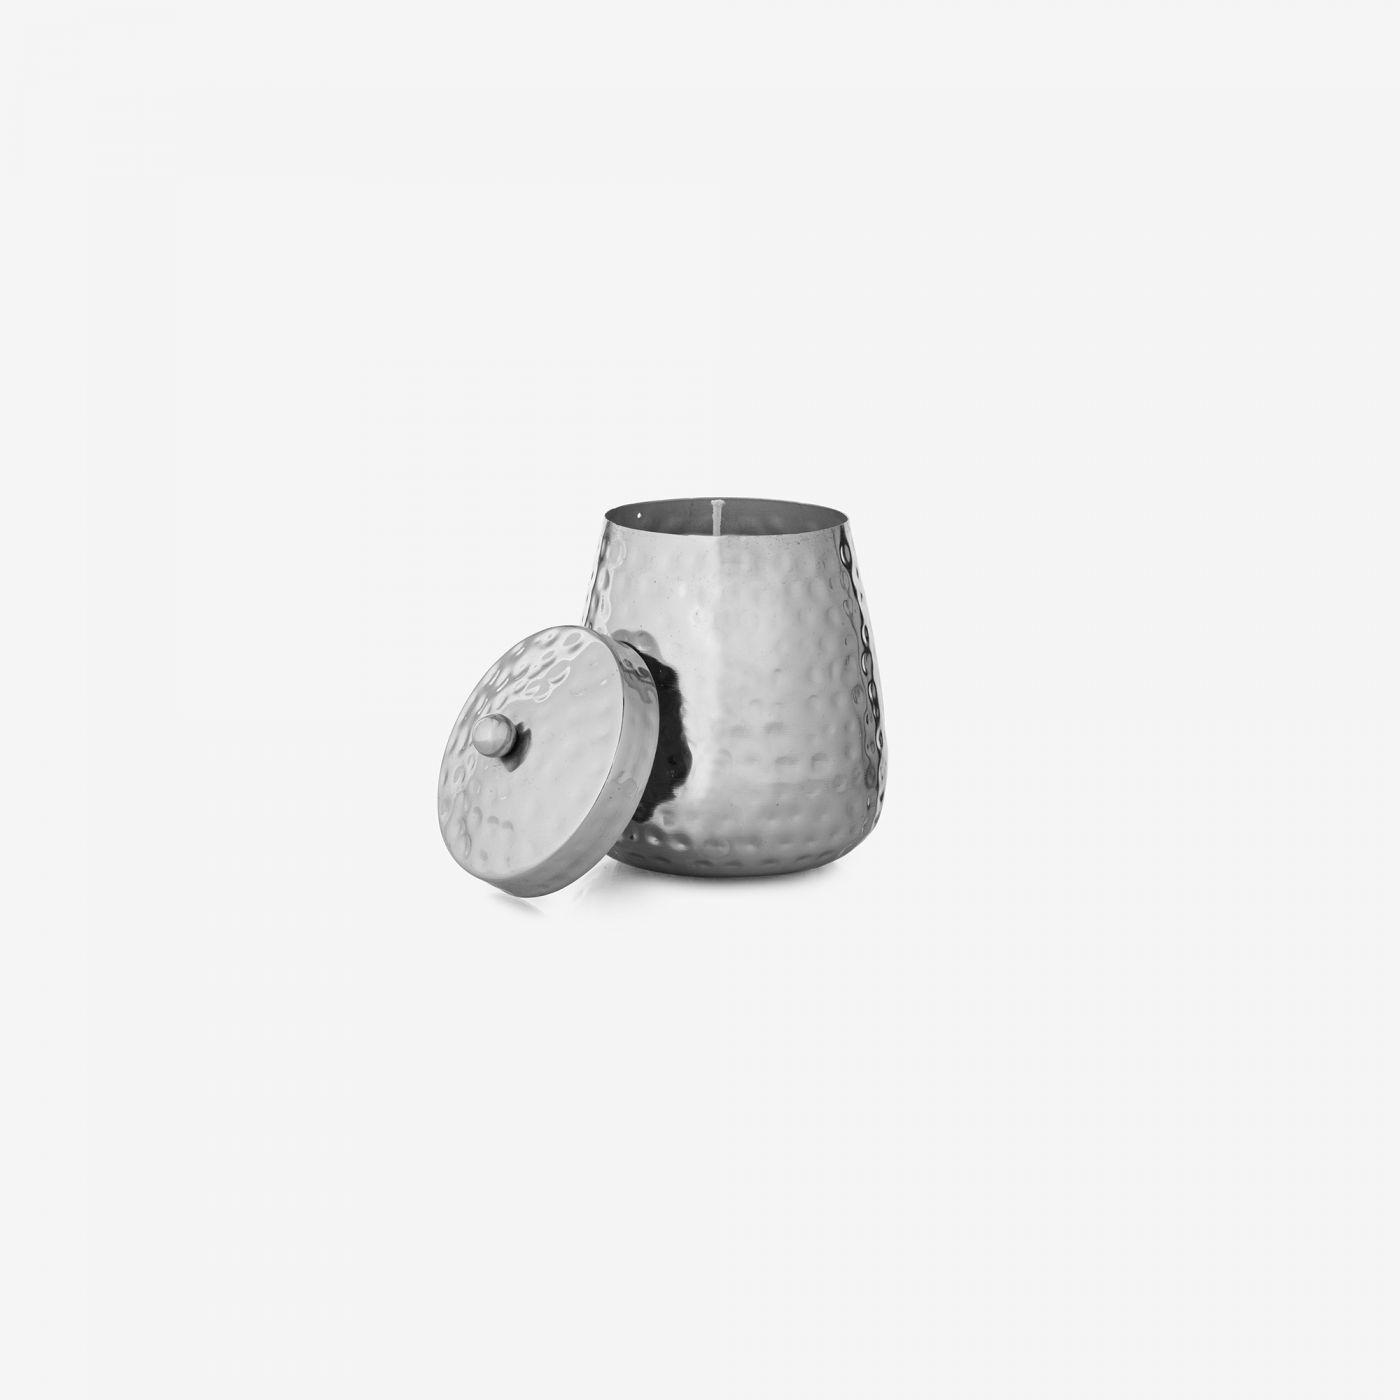 נר ריחני בכלי מתכתי עם מכסה NUR